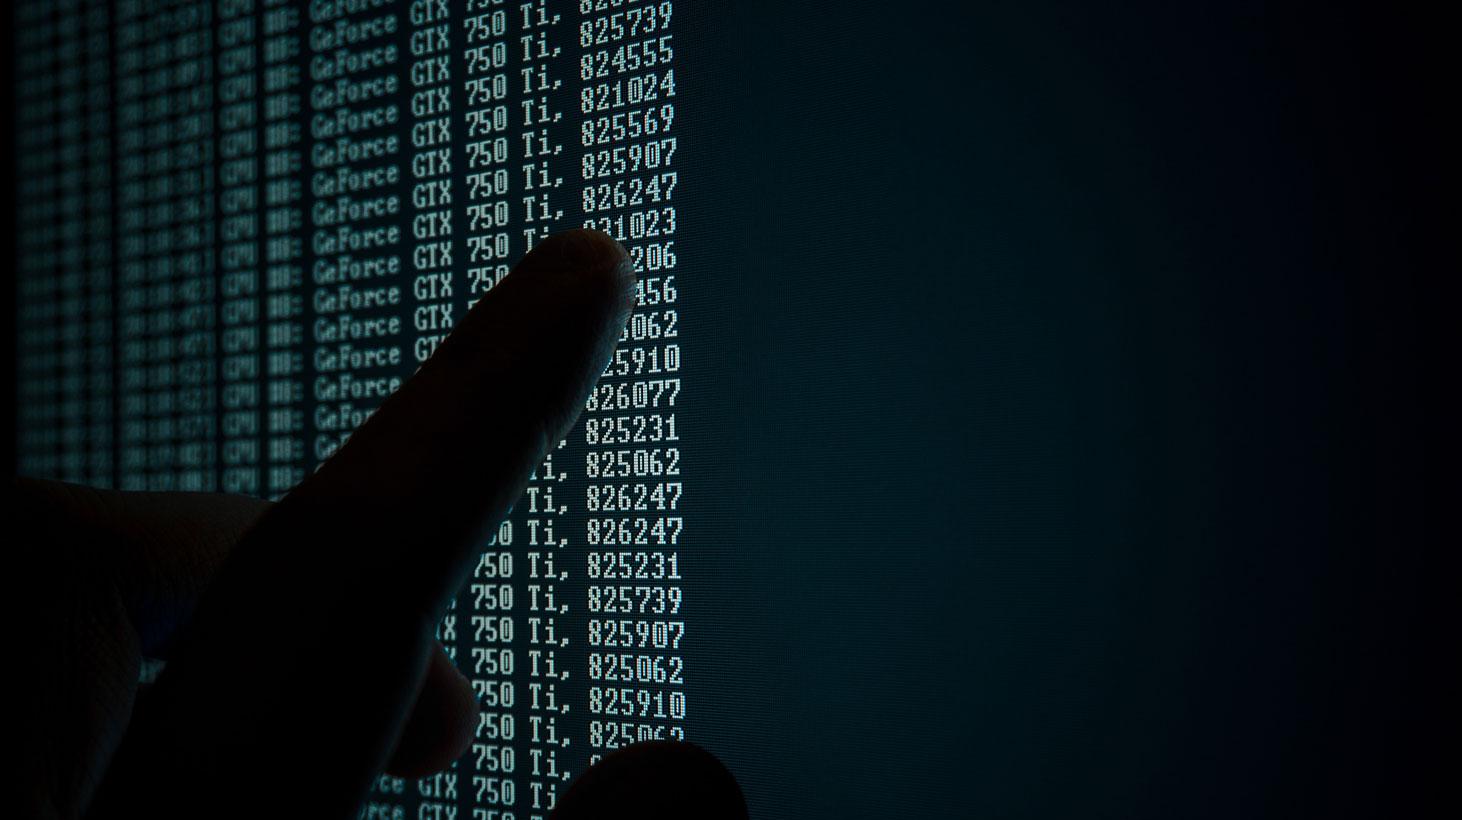 Roier.ai lanza un salvavidas a las compañías ahogándose en la economía digital.